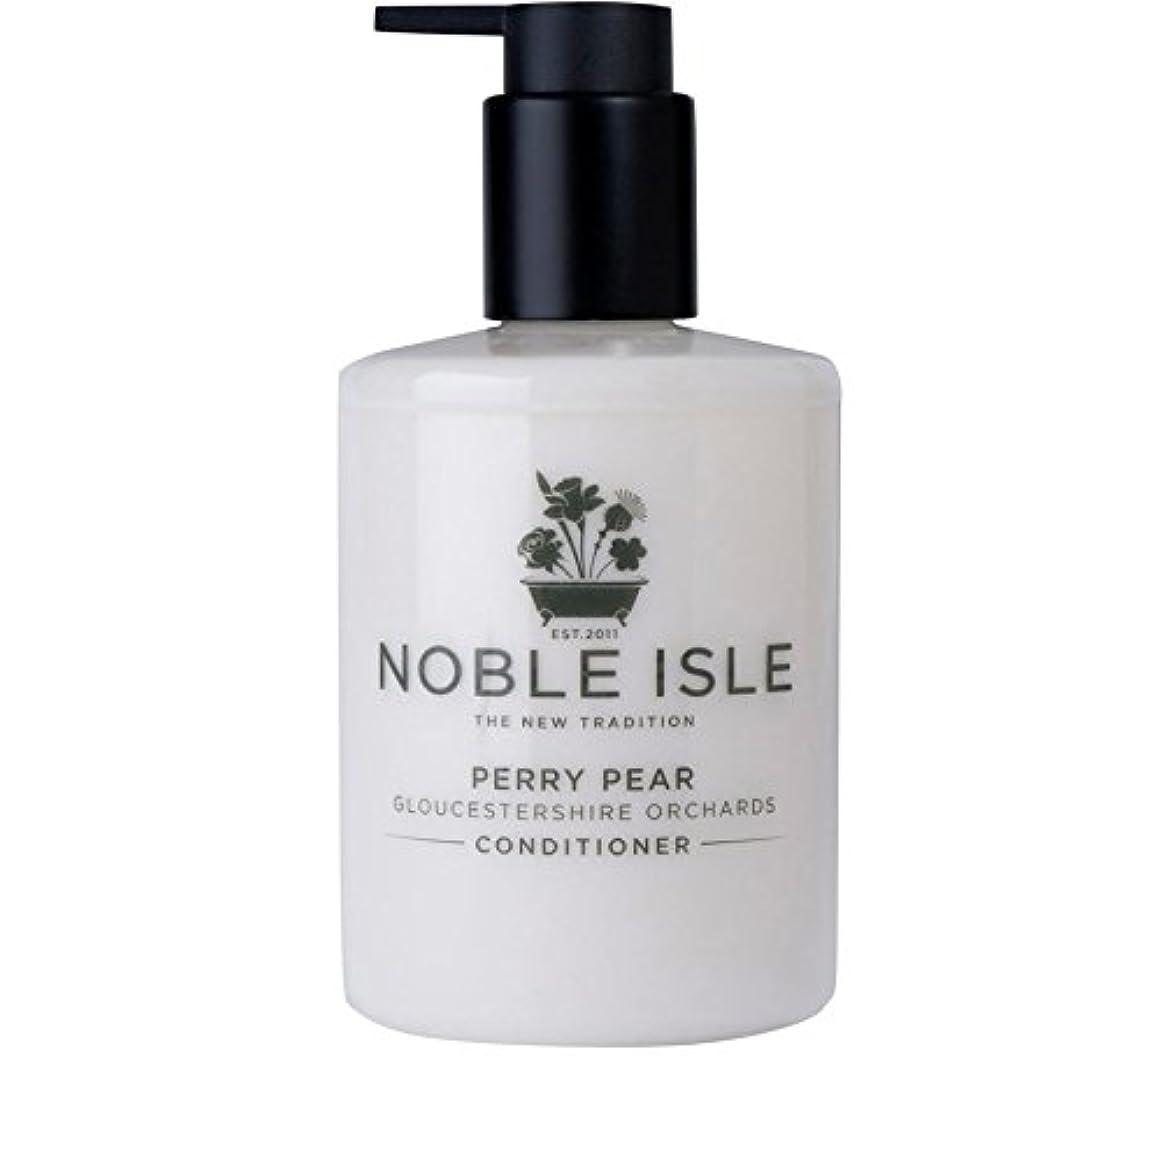 聖歌ロイヤリティ民主主義Noble Isle Perry Pear Gloucestershire Orchards Conditioner 250ml (Pack of 6) - 高貴な島ペリー梨グロスターシャー州の果樹園コンディショナー250...